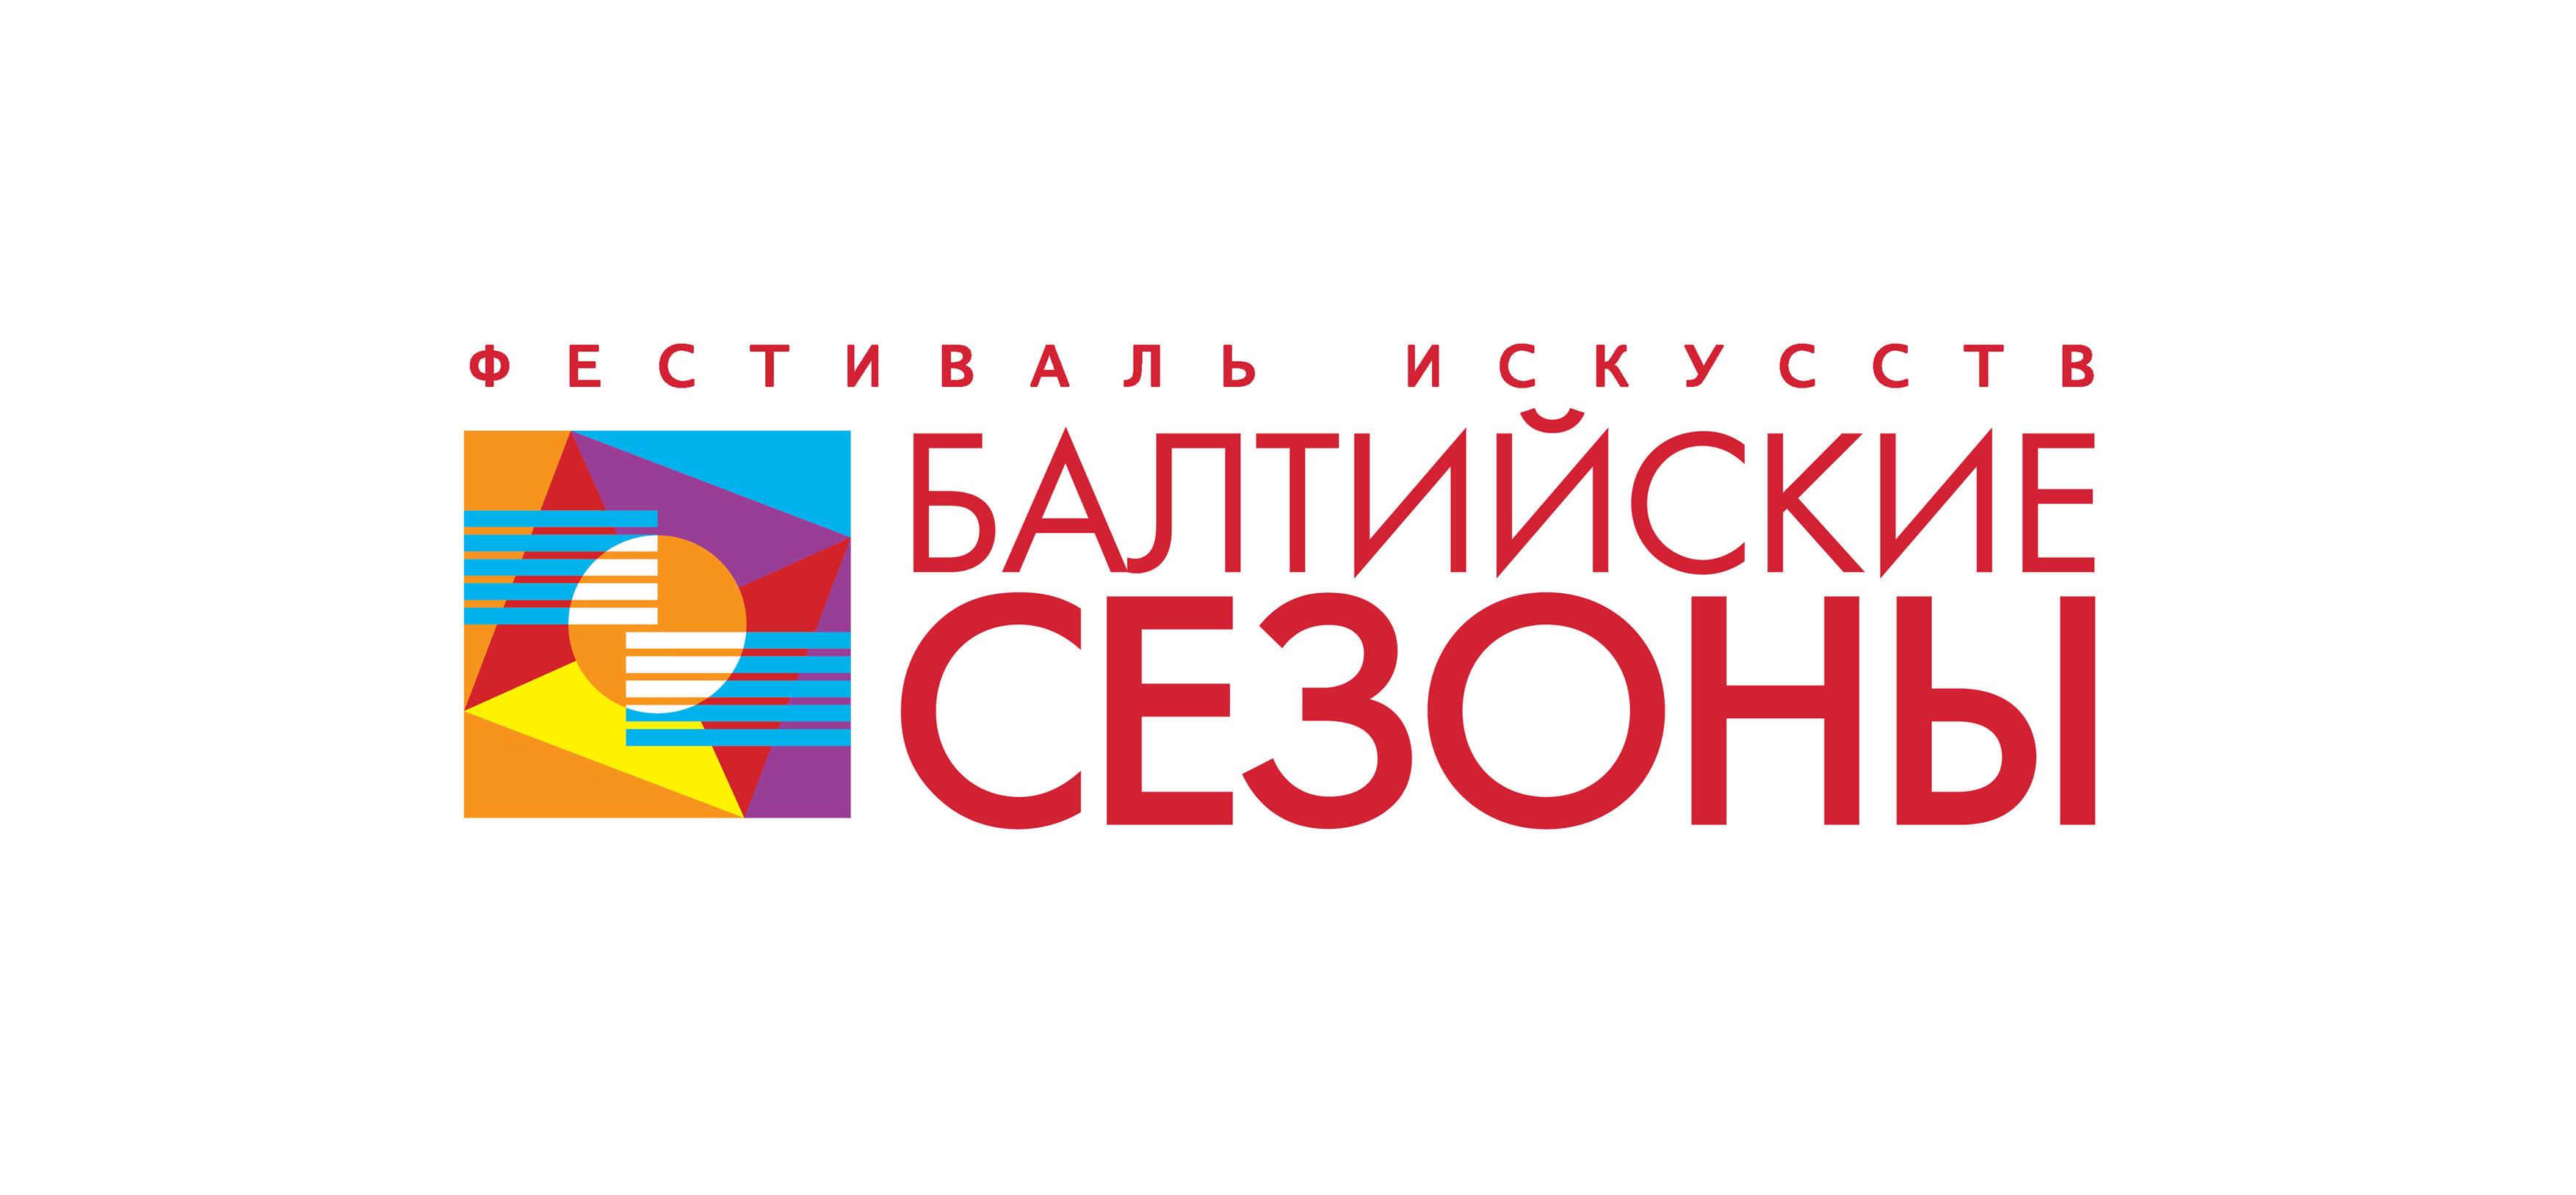 Жителей и гостей Калининградской области ожидают лучшие постановки вахтанговцев